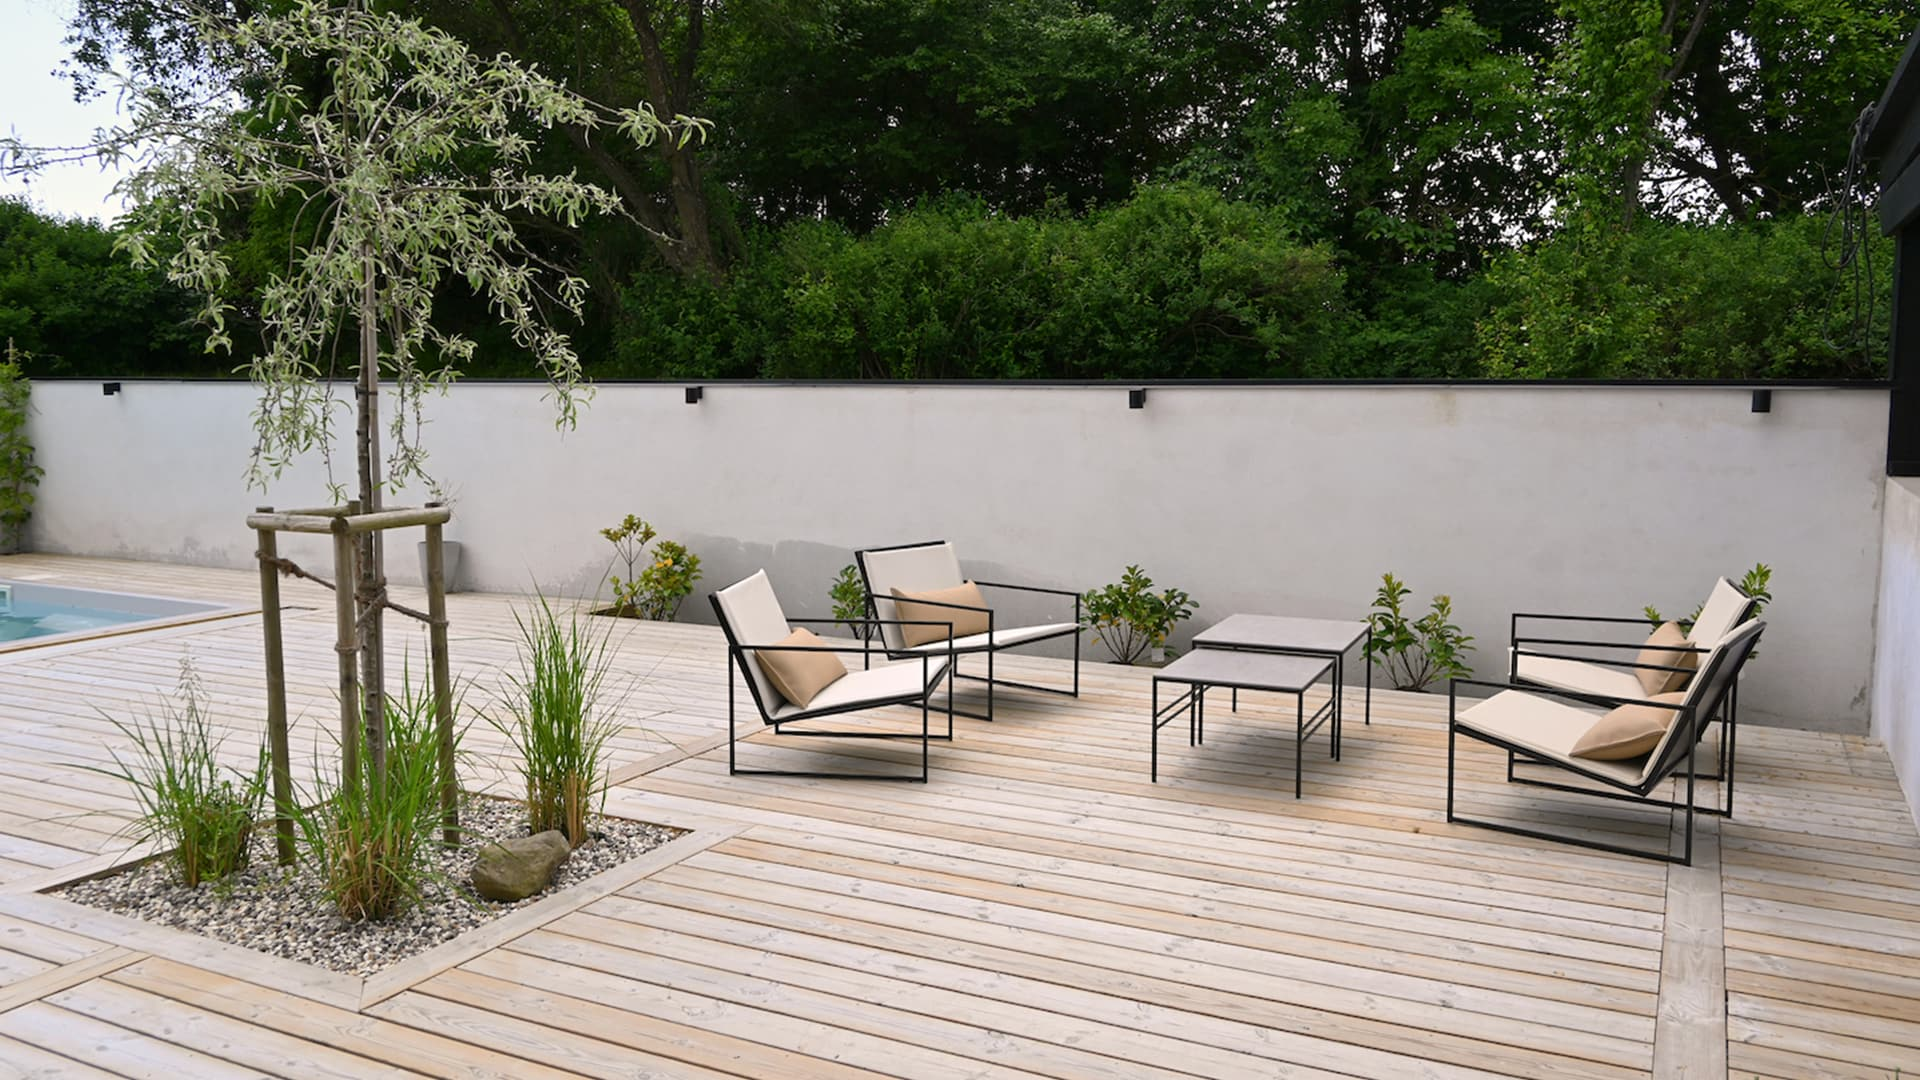 by Crea®Utendørs stoler - utemøbler - utemøbler - møbler for utendørs brukoutdoor furniture collection